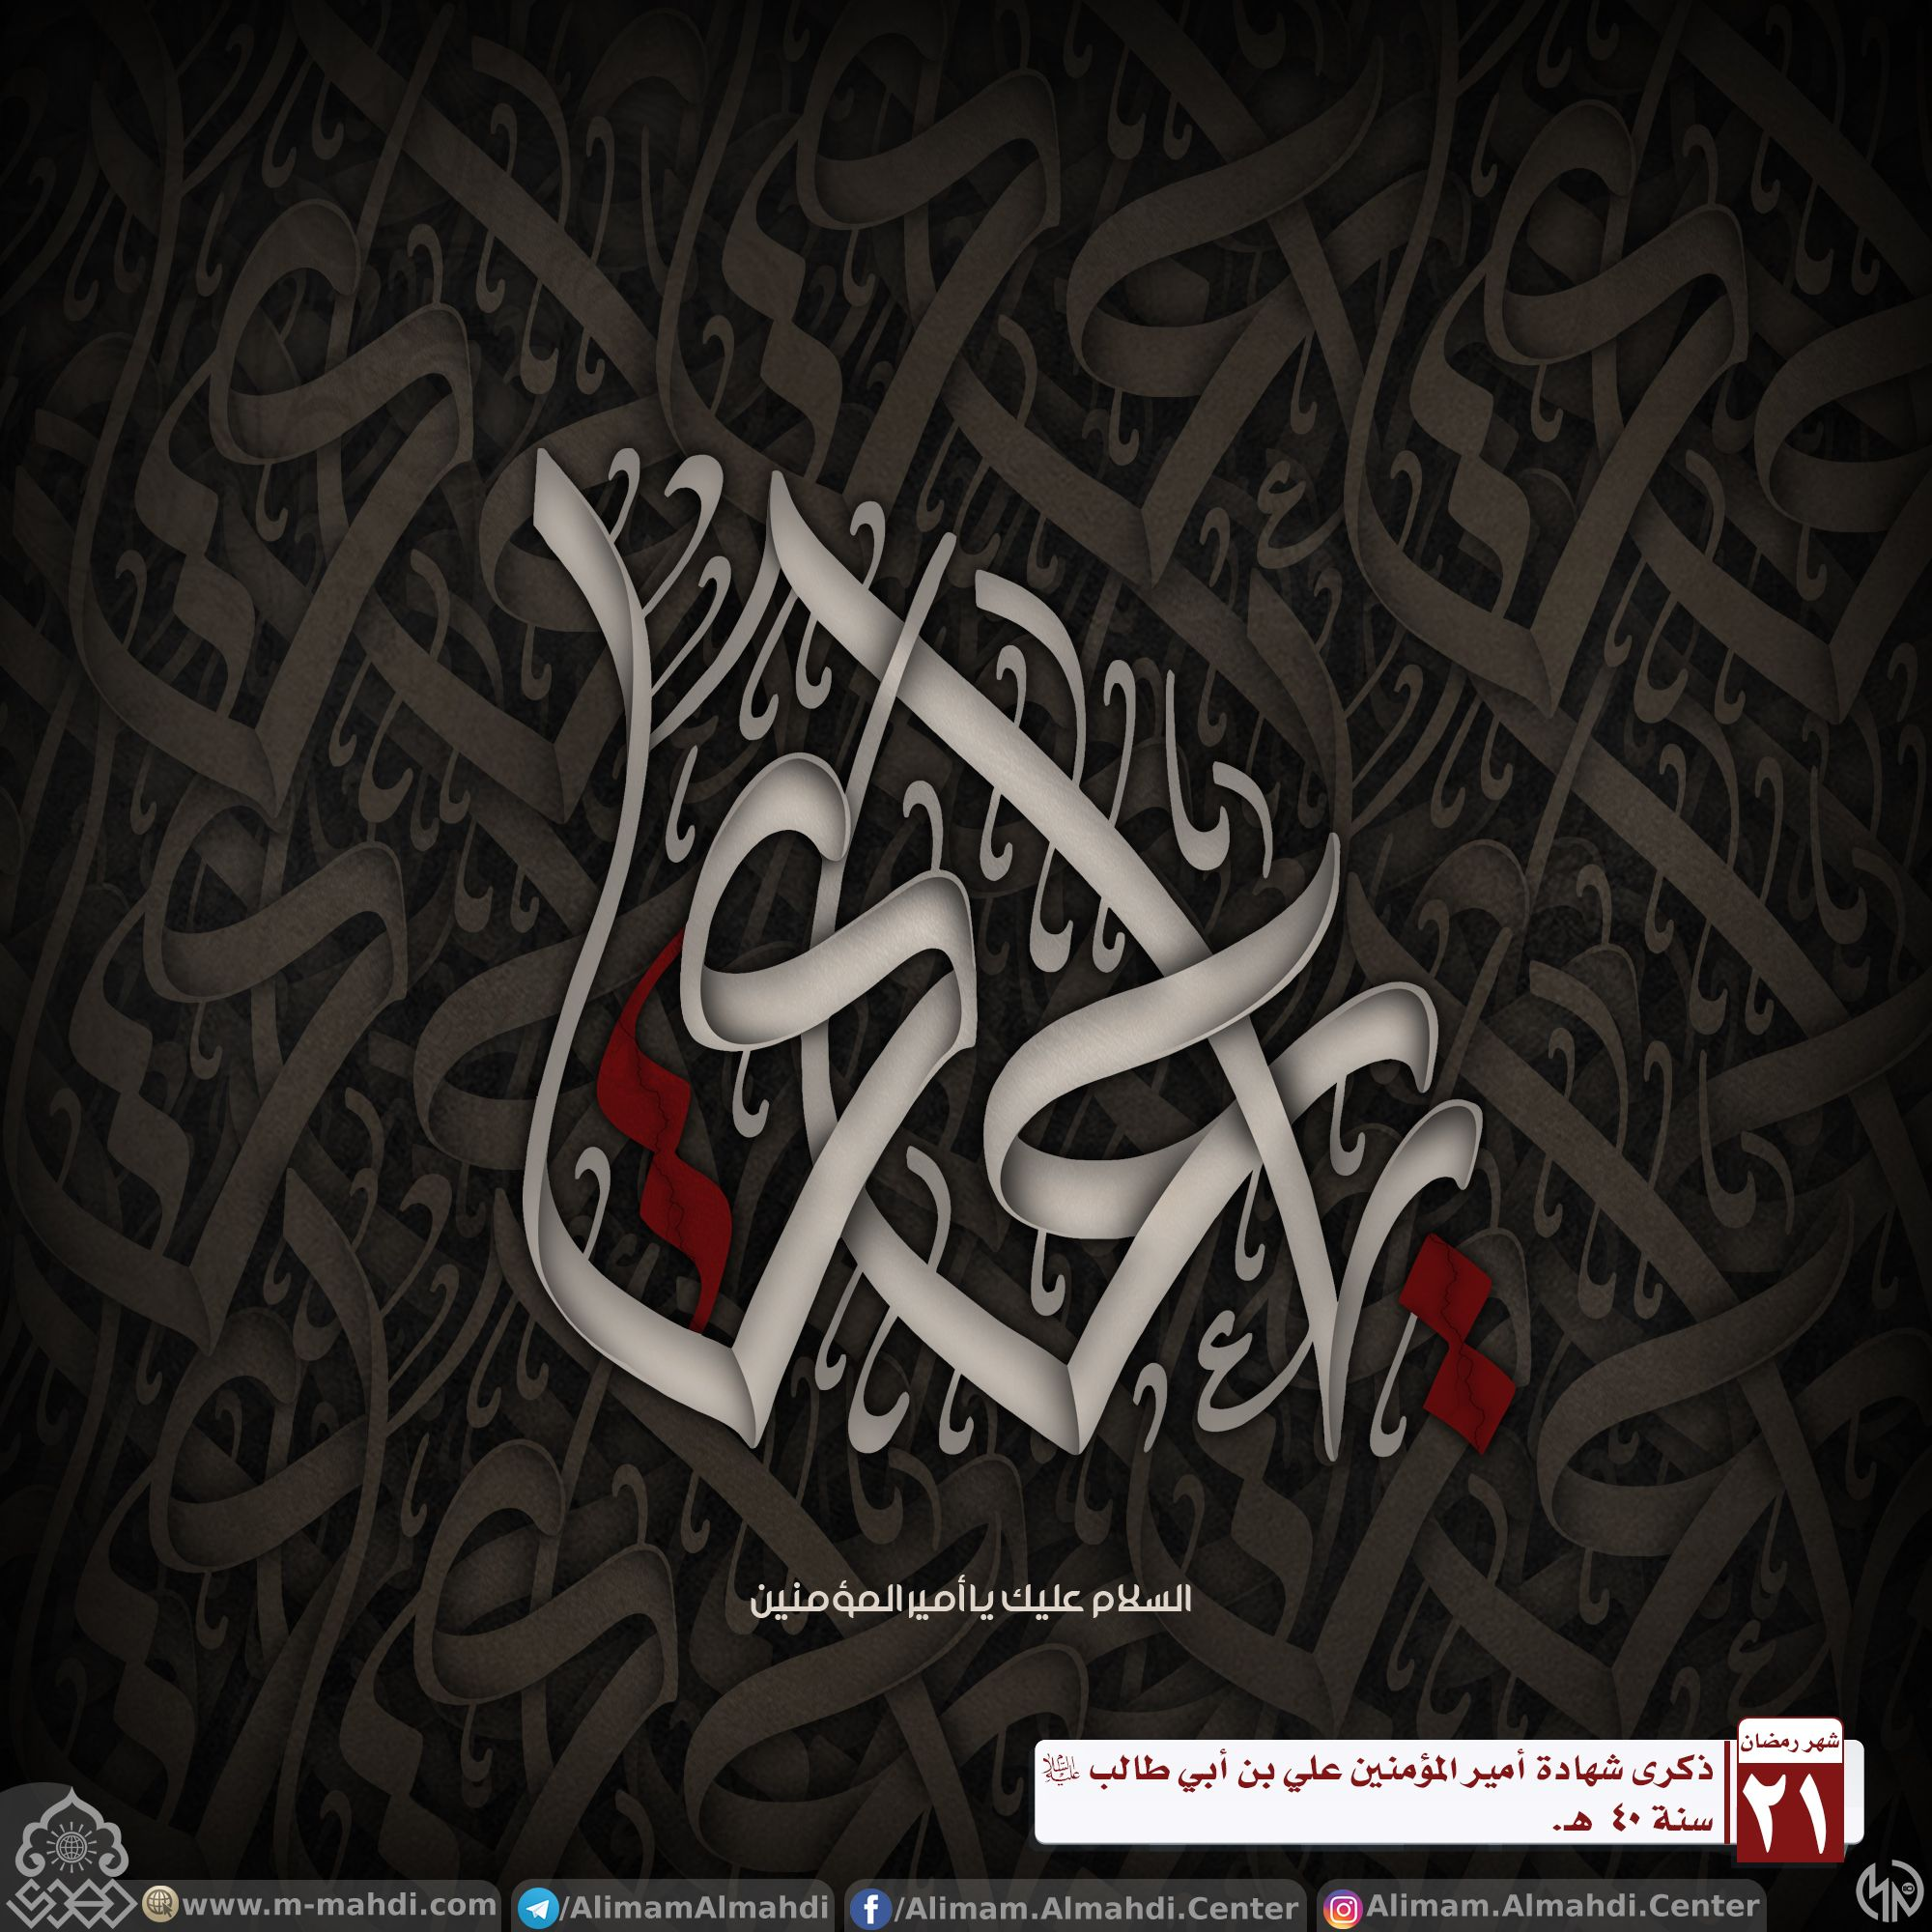 ذكرى شهادة الامام علي بن أبي طالب عليه السلام Islamic Art Neon Signs Mola Ali